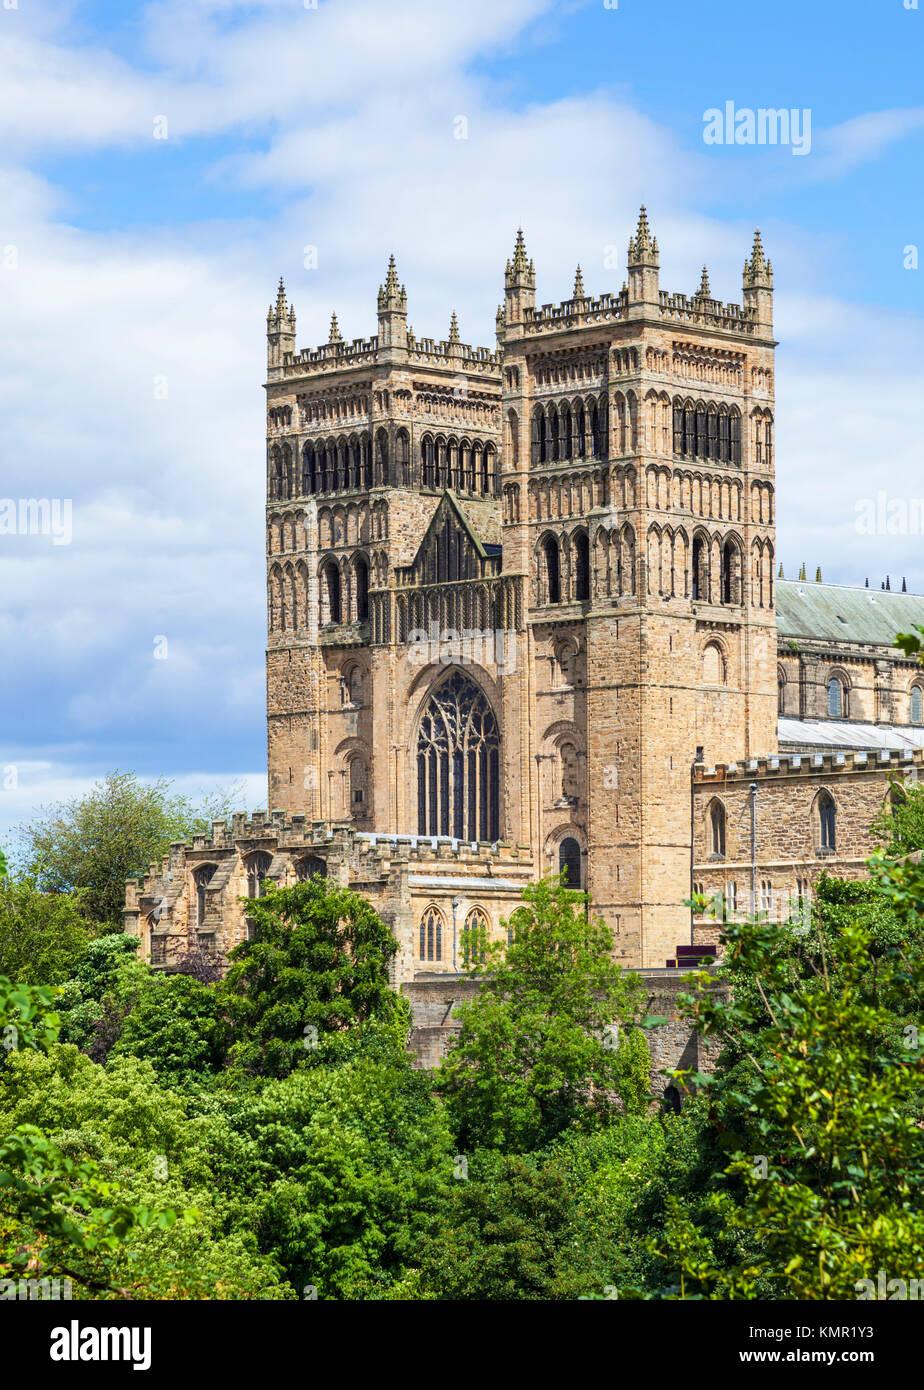 england durham england durham cathedral facade durham County Durham England uk go eu europe - Stock Image